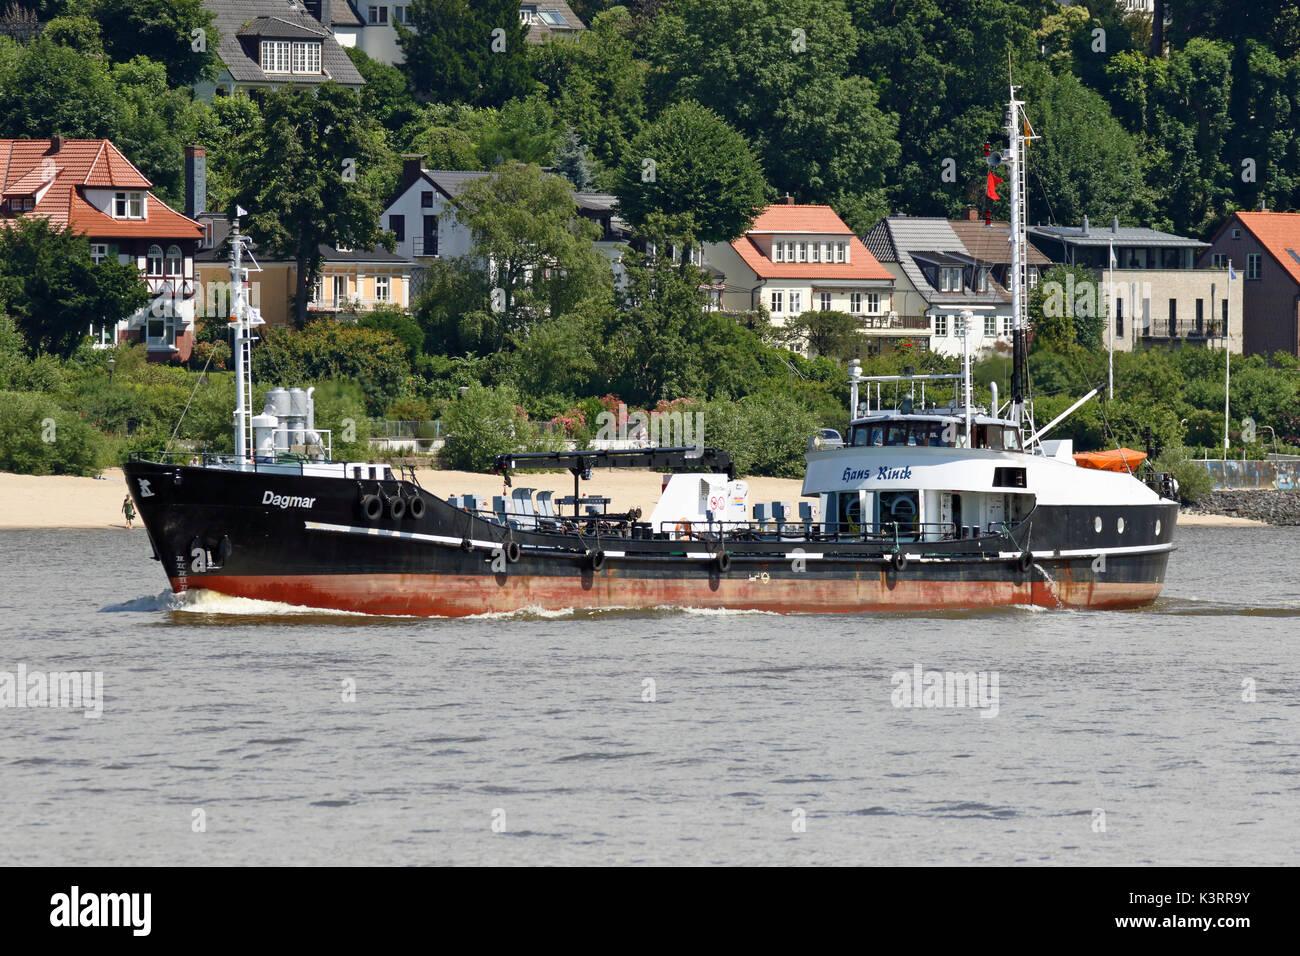 The tanker Dagmar leaves the port of Hamburg. - Stock Image